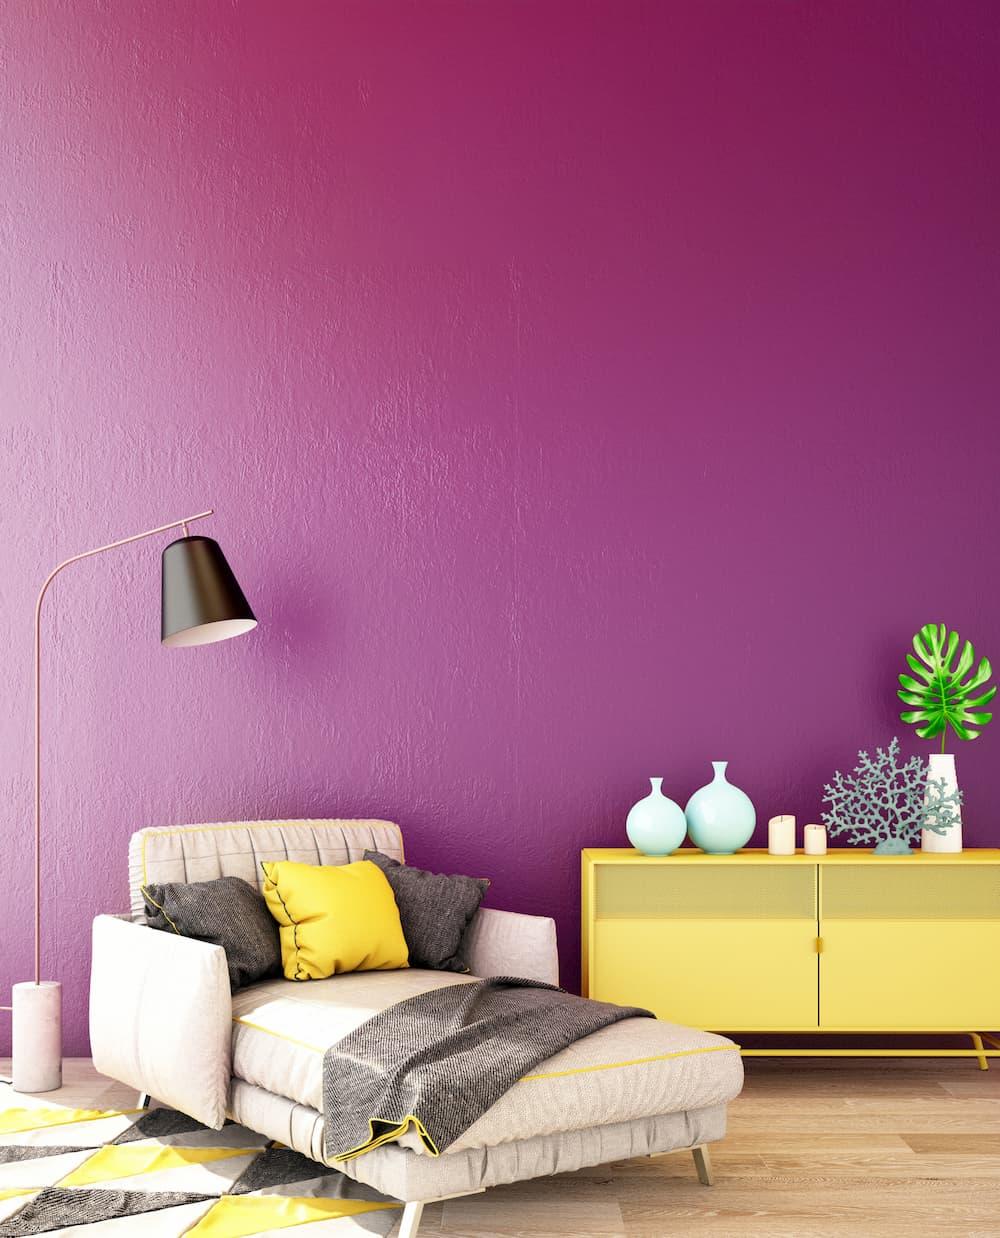 Wohnzimmer mit violetter Wand unf gelben Akzenten © TATTA, stock.adobe.com